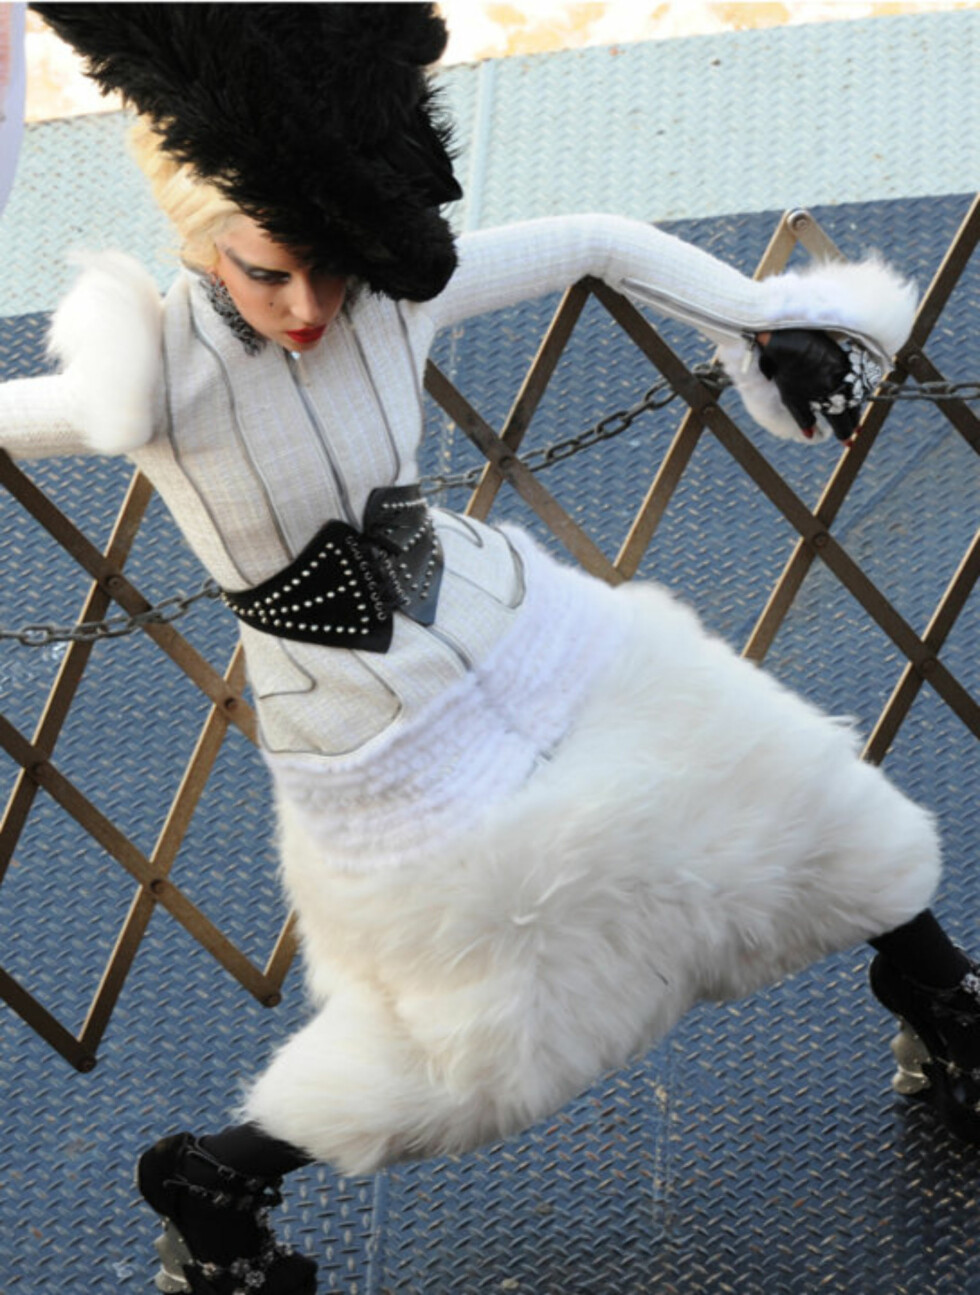 SATTE SJØBEIN: Lady Gaga i avslappet positur under foto-shooten, her på en båt. Godt å ha et gjerde å støtte seg til når livvaktene er annetsteds. Foto: Stella Pictures